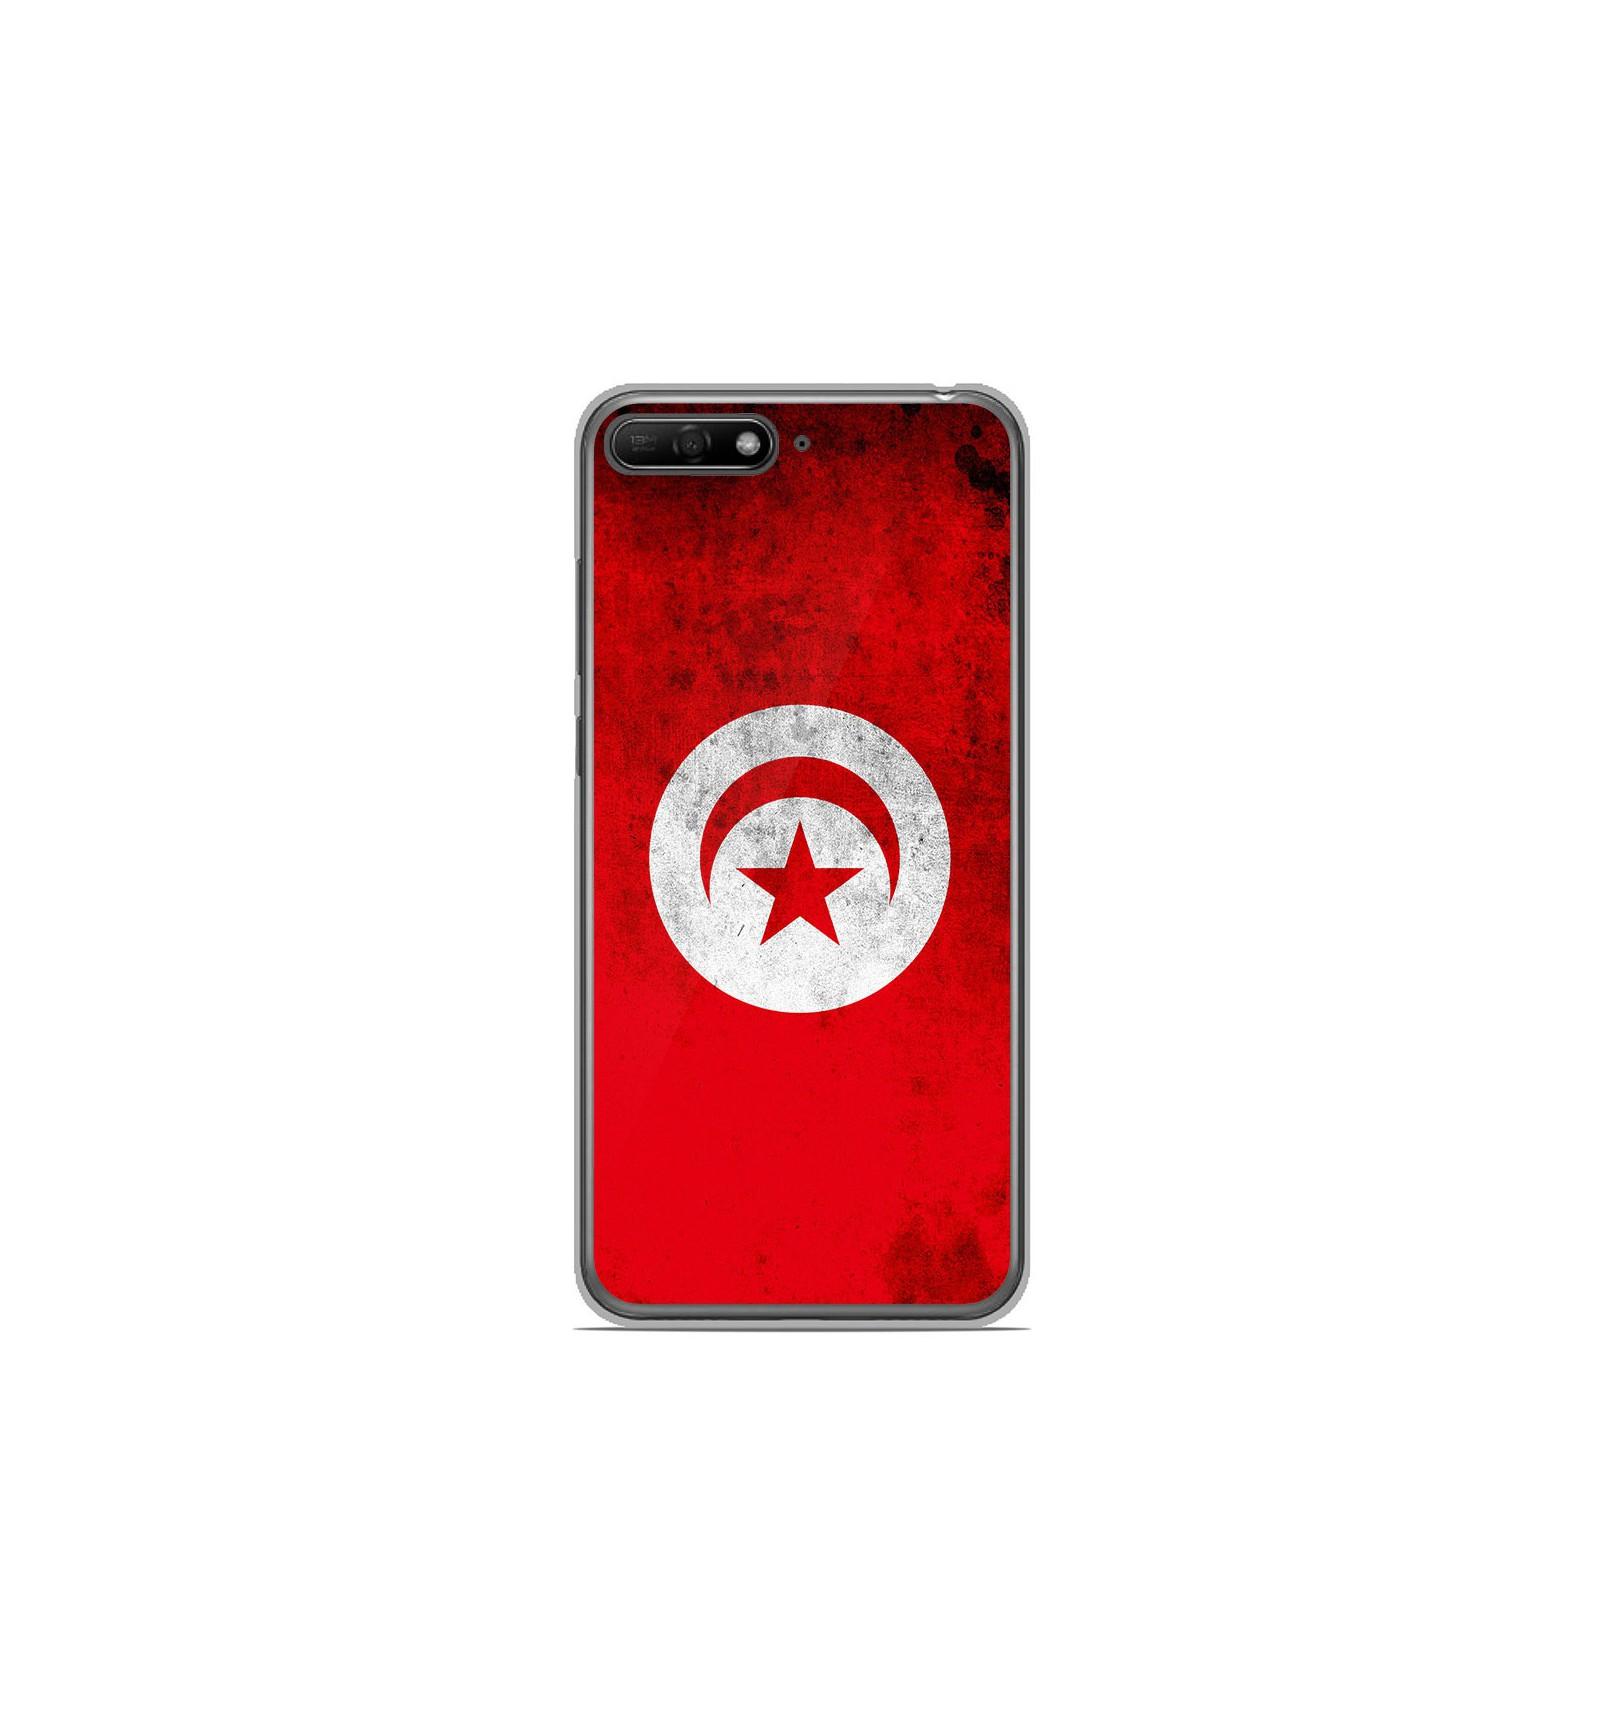 Coque en silicone Huawei Y6 2018 - Drapeau Tunisie